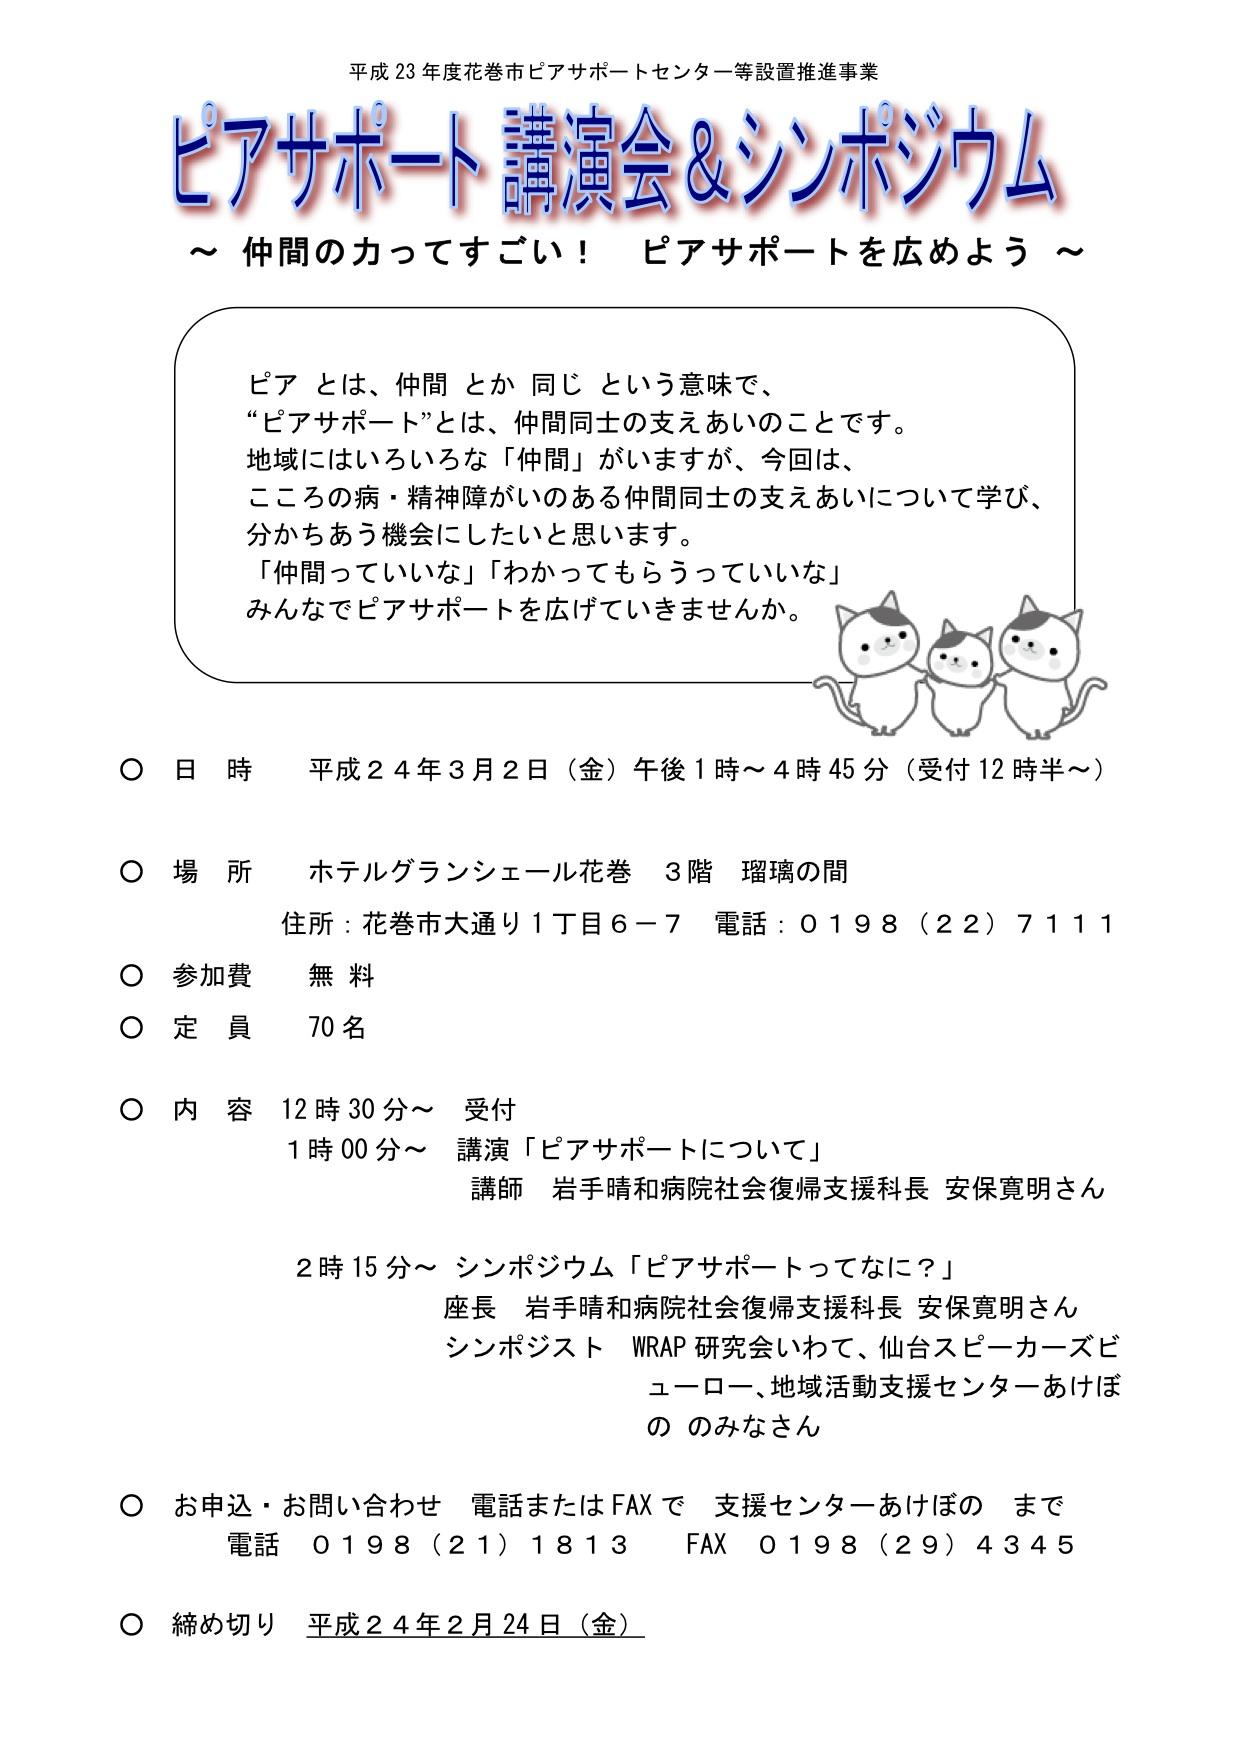 ピアサポート講演会&シンポジウム(2012年3月2日) _a0103650_2262092.jpg